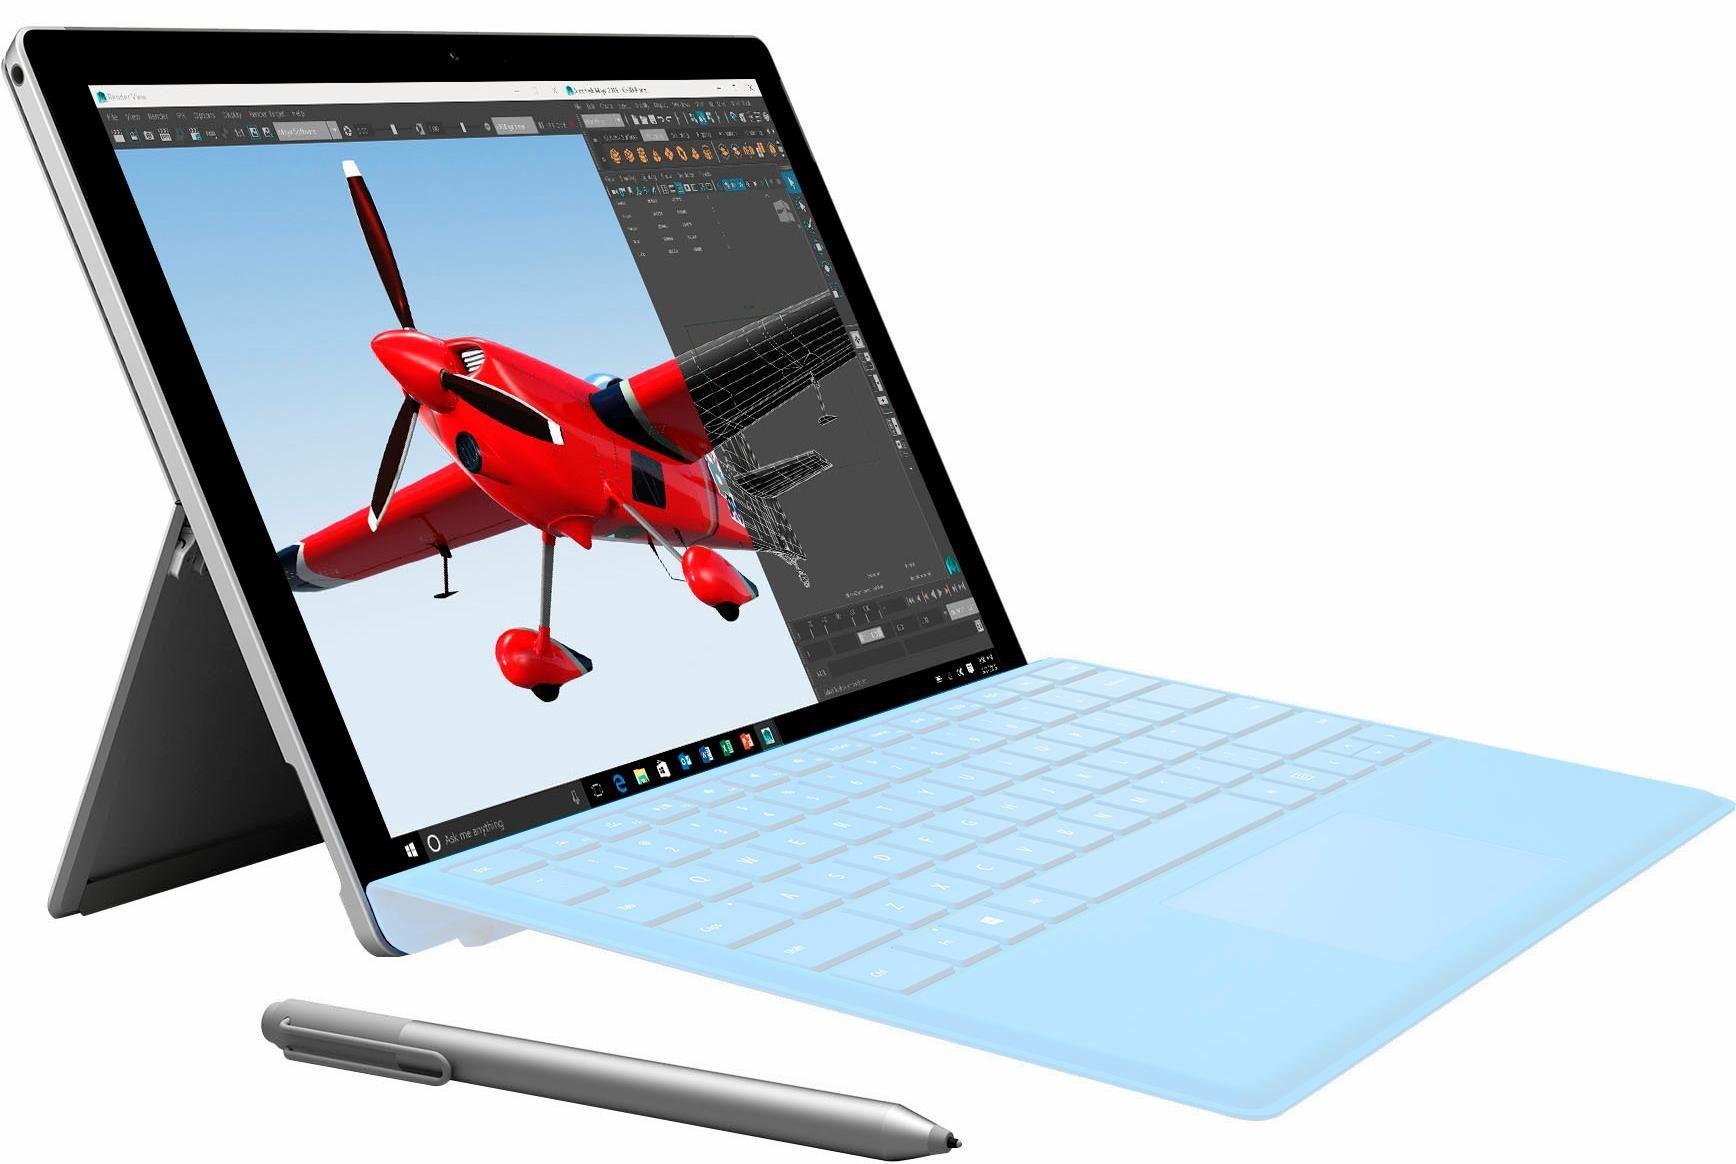 Microsoft Surface Pro 4 Surface Pro 4 (SU4-00003) Convertible Notebook, Intel® Core™ i7, 1 TB